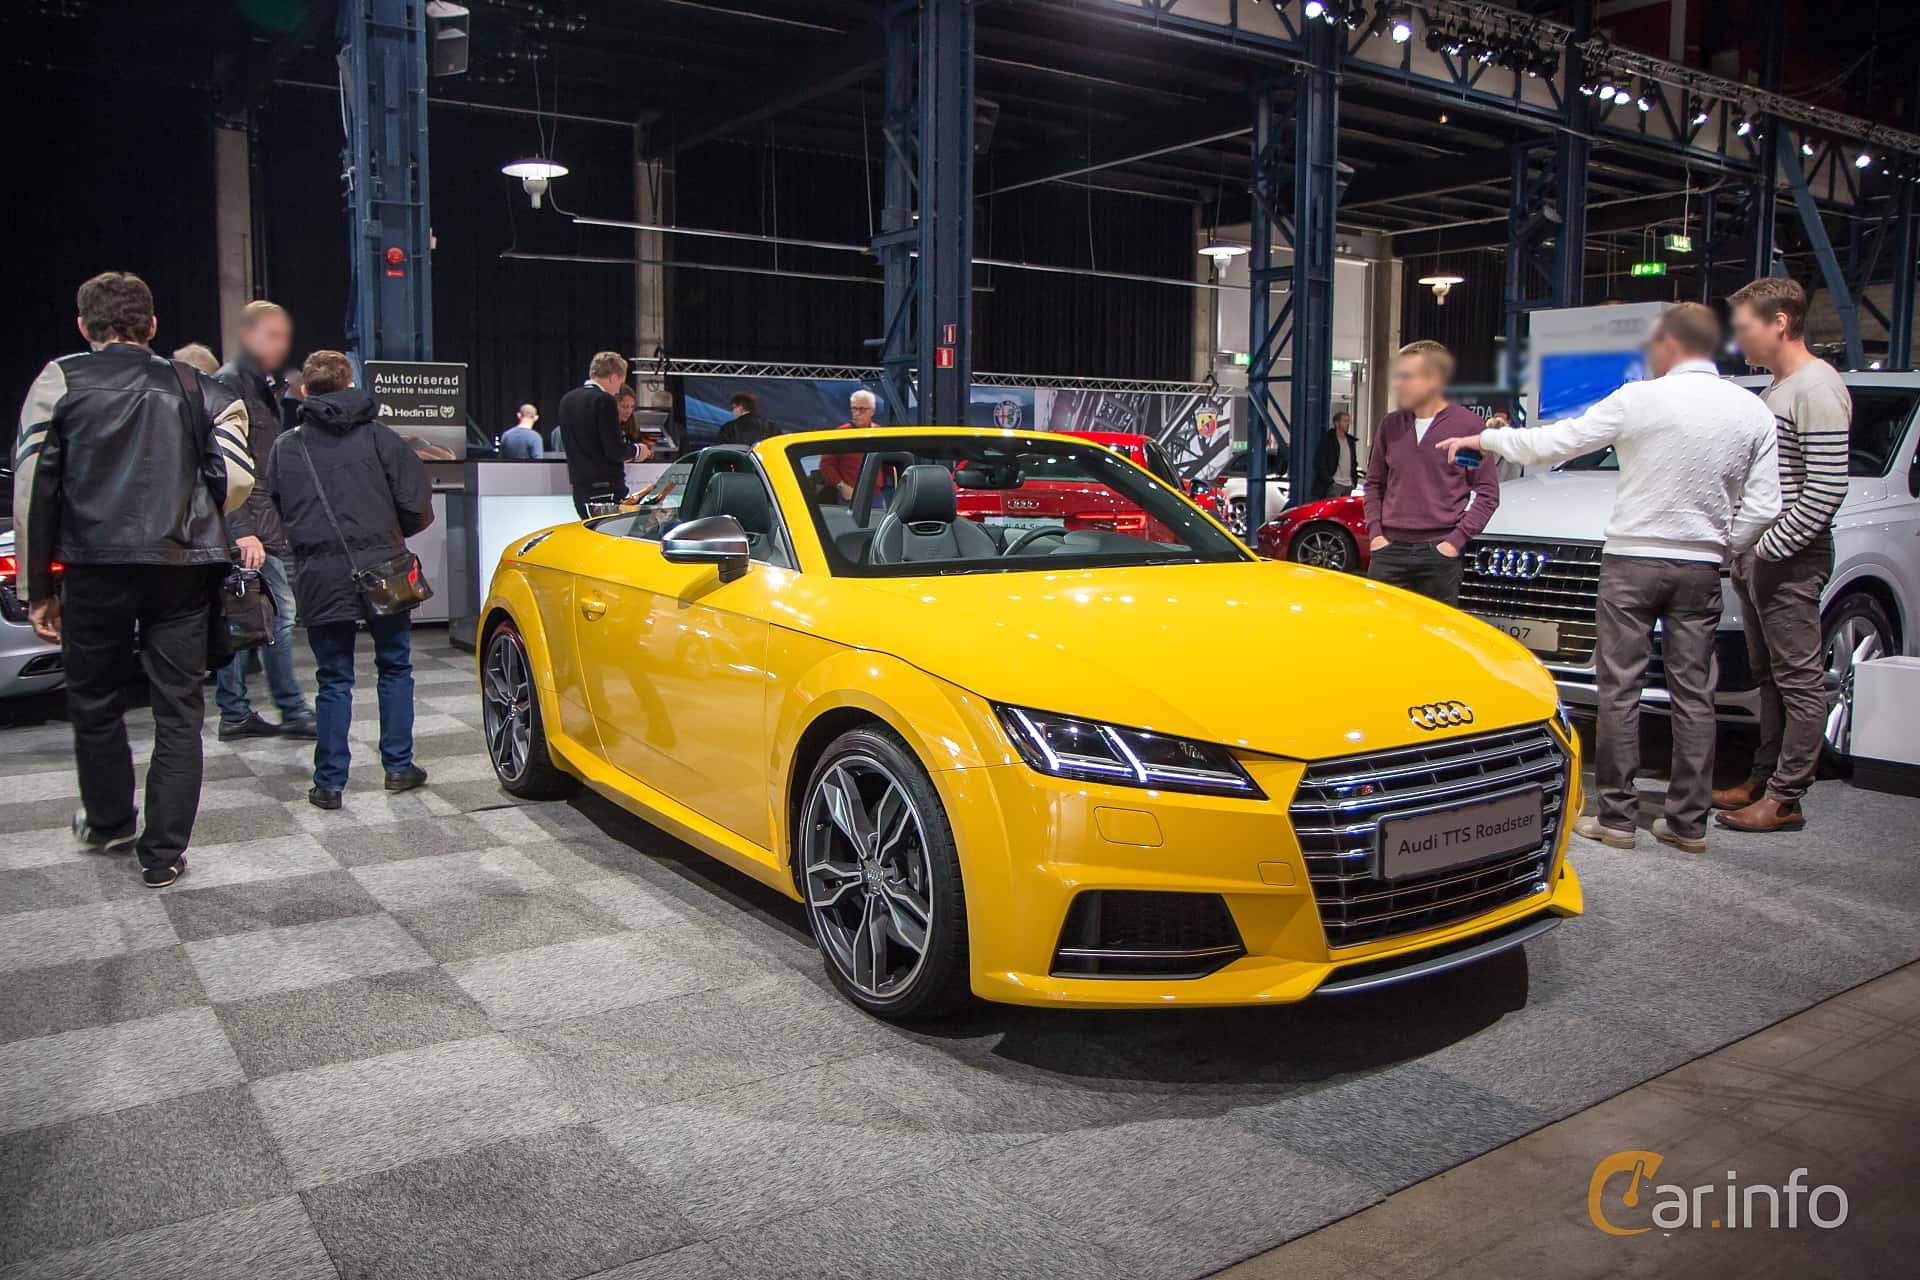 Audi TT - Audi car owners database